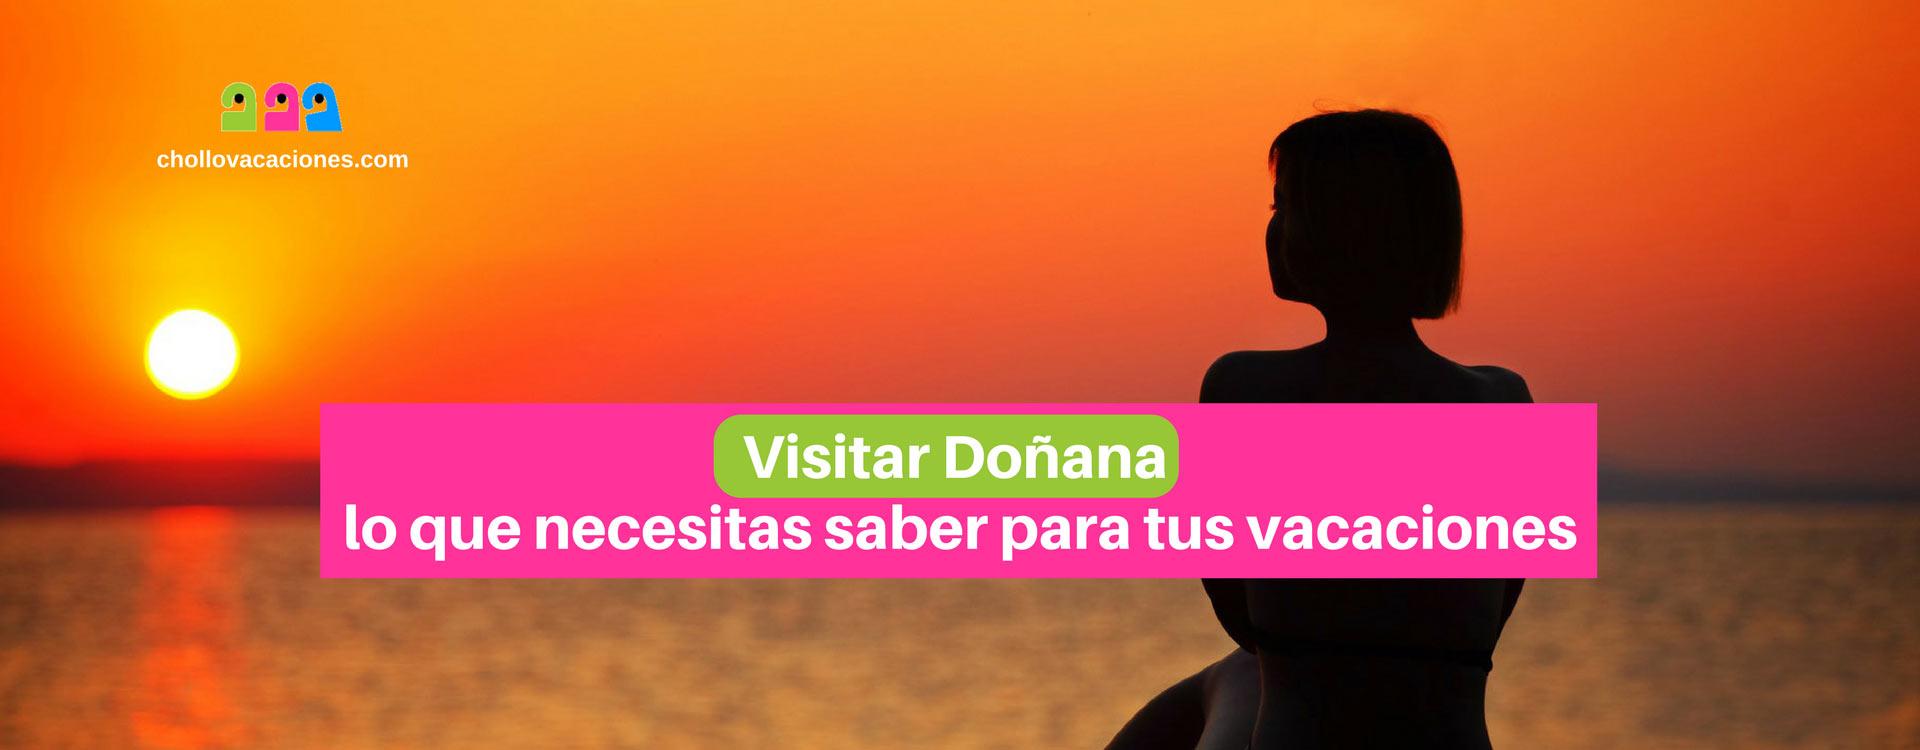 Visitar Doñana: lo que necesitas saber del coto Doñana para tus vacaciones